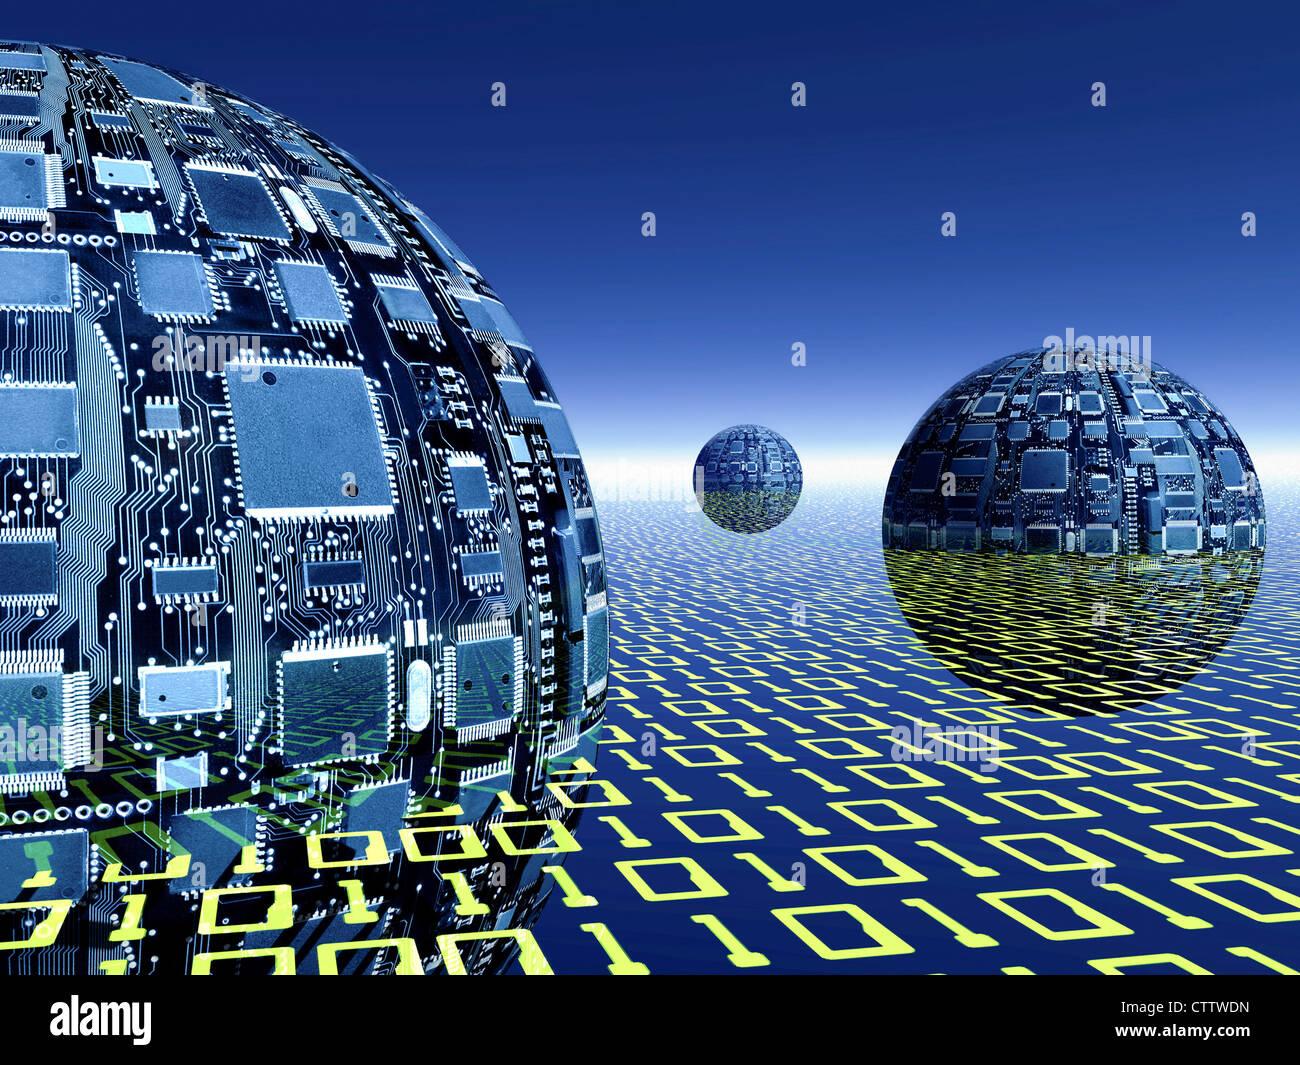 Humoristische aus Computerchips in Einer Ebene aus Binären objekthaften Stockbild